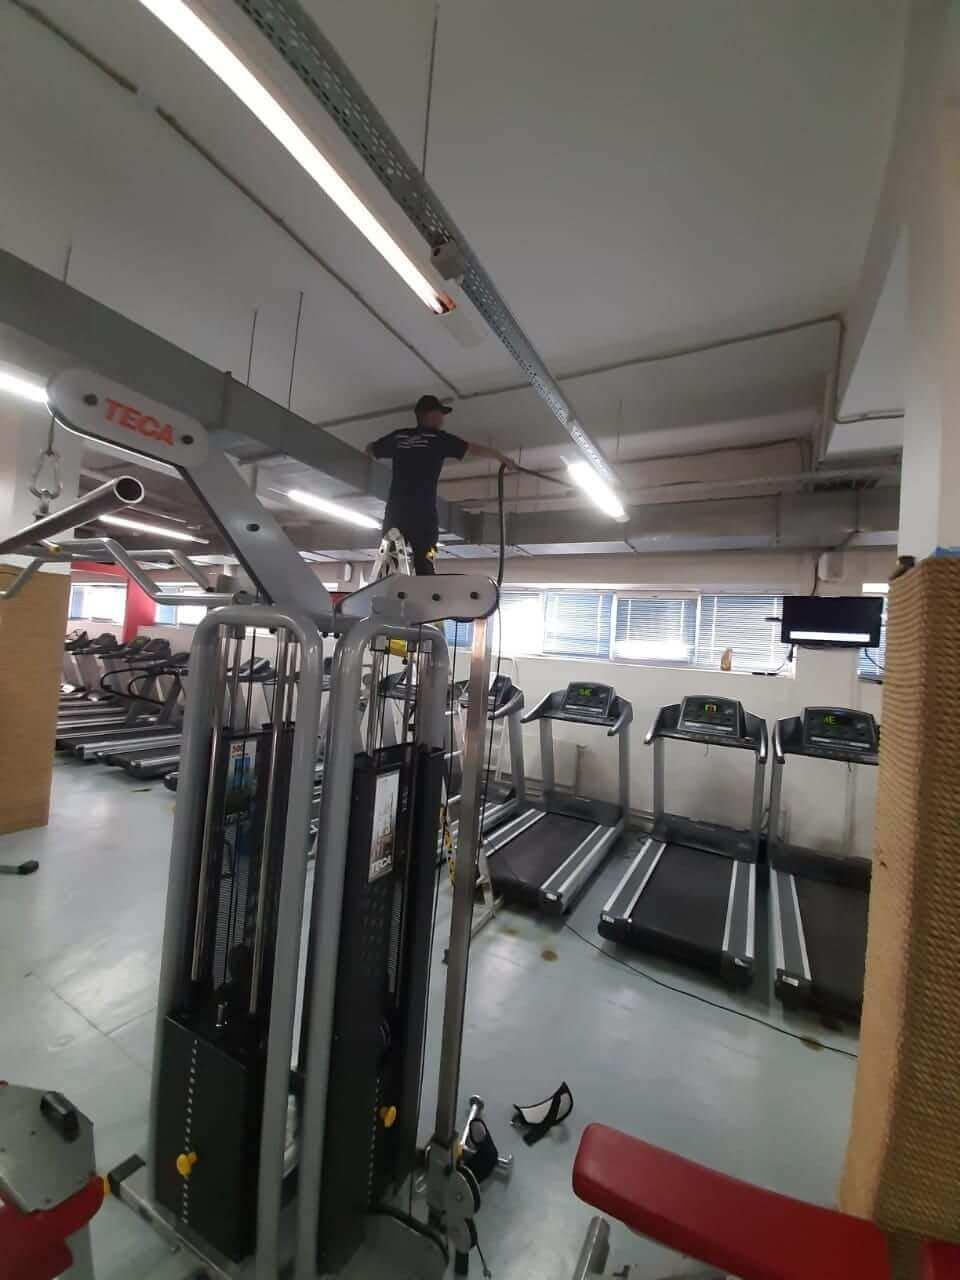 Уборщик моет оборудование в фитнес-клубе